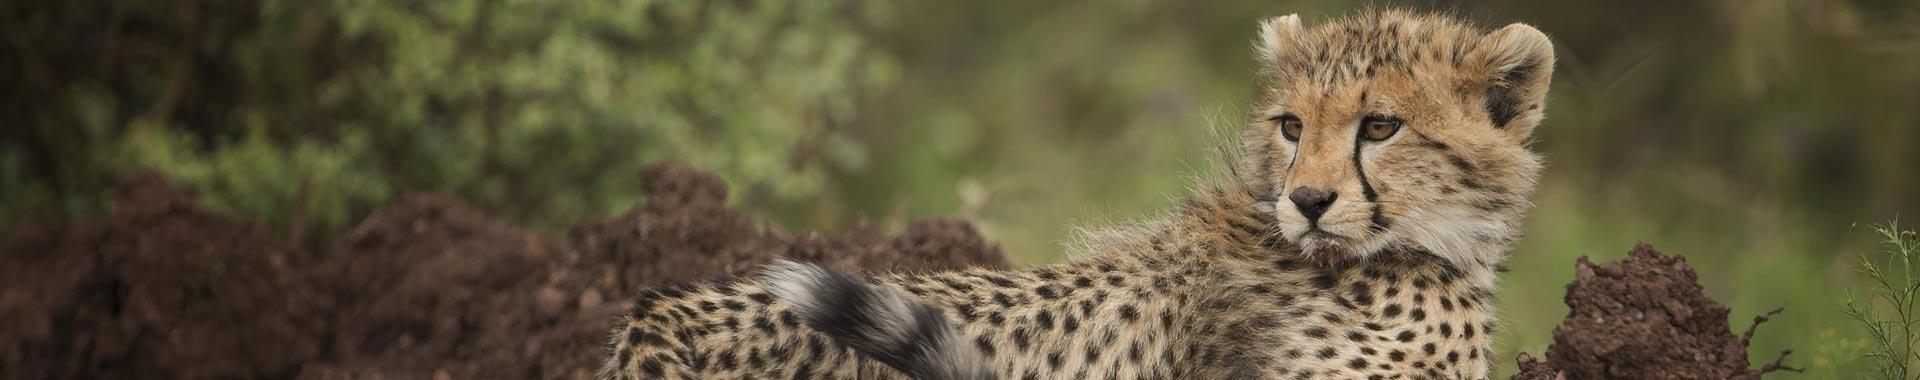 Всё о восхождении на Килиманджаро и сафари в Танзании